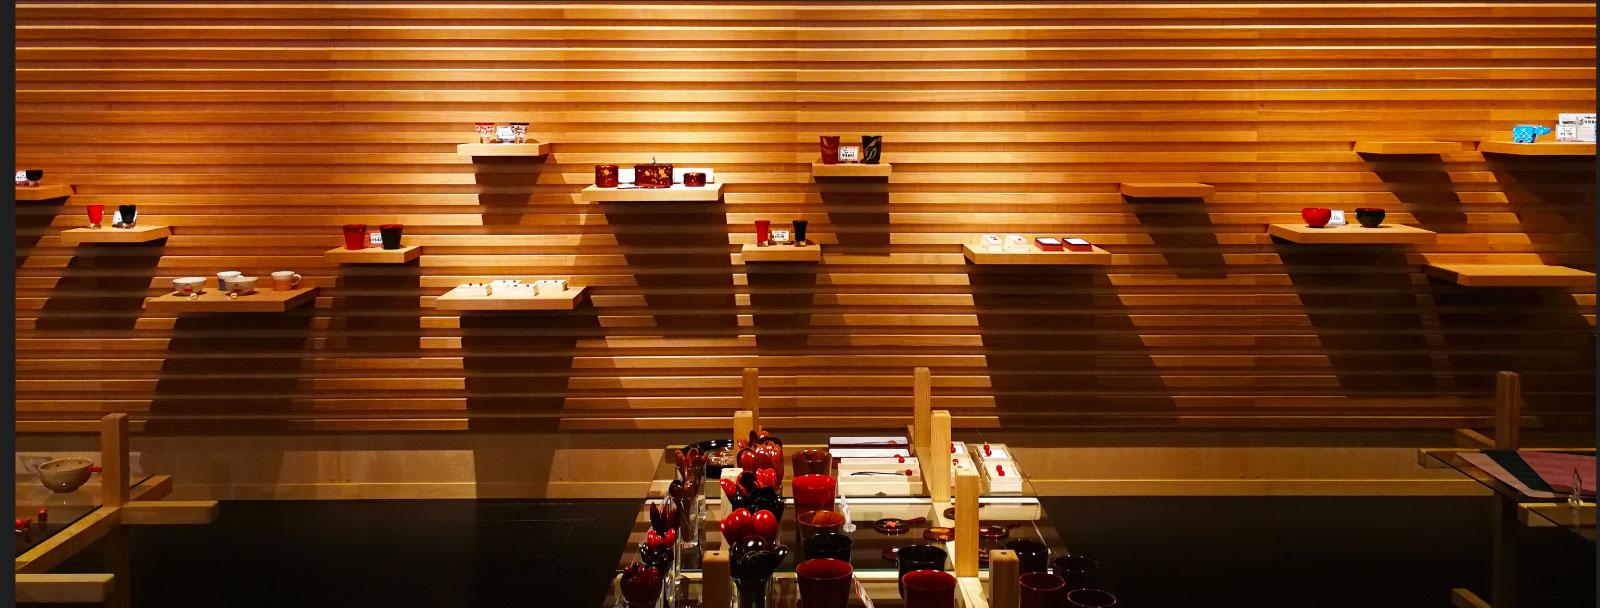 木材を多く使用した店内で。 会津のお土産選び